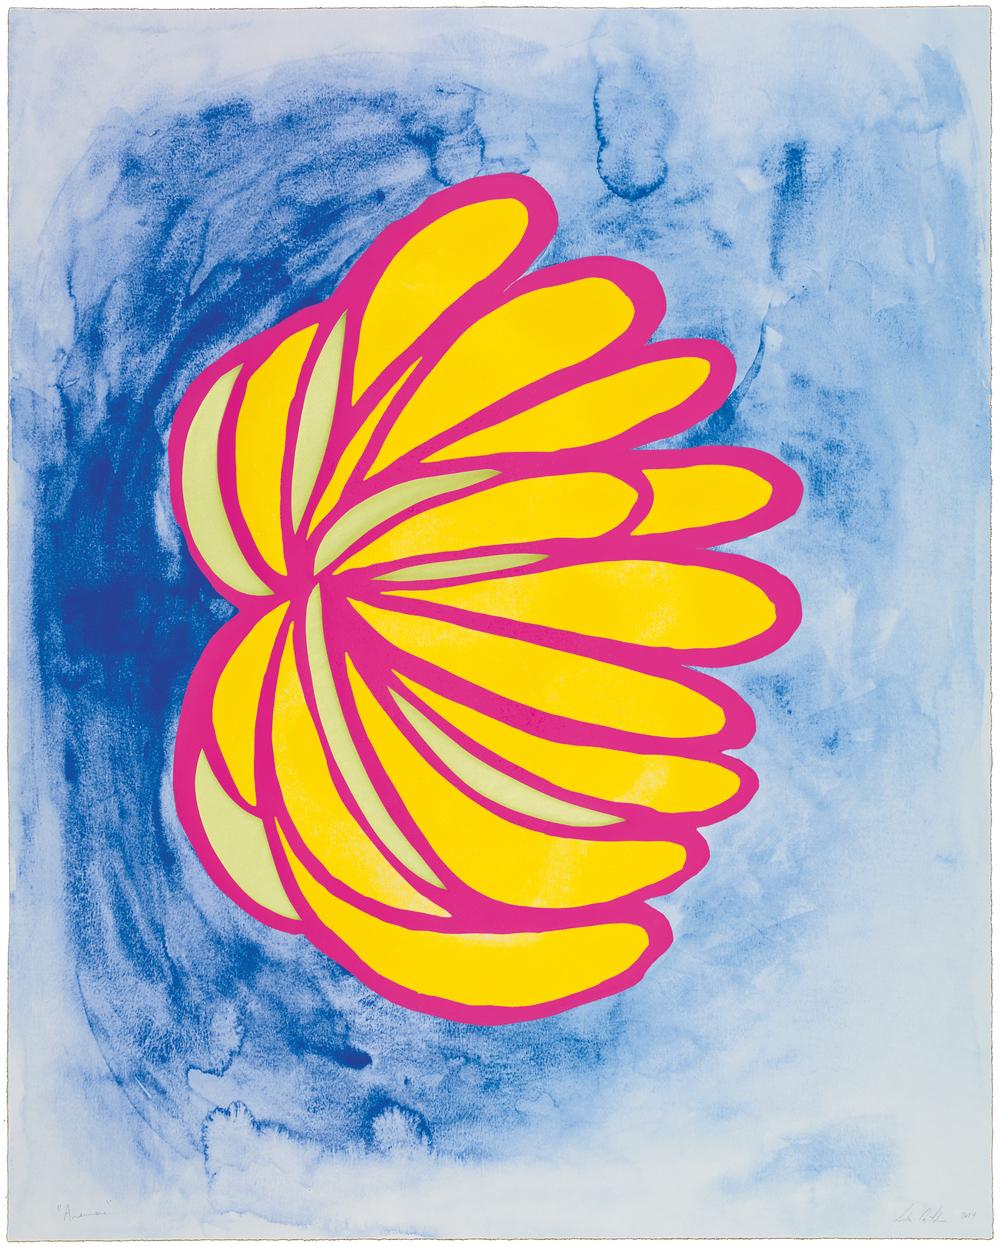 Leda Catunda  Anemona • 2014   Xilogravura sobre gravura em polímero Edição: 60   90 x 72 cm